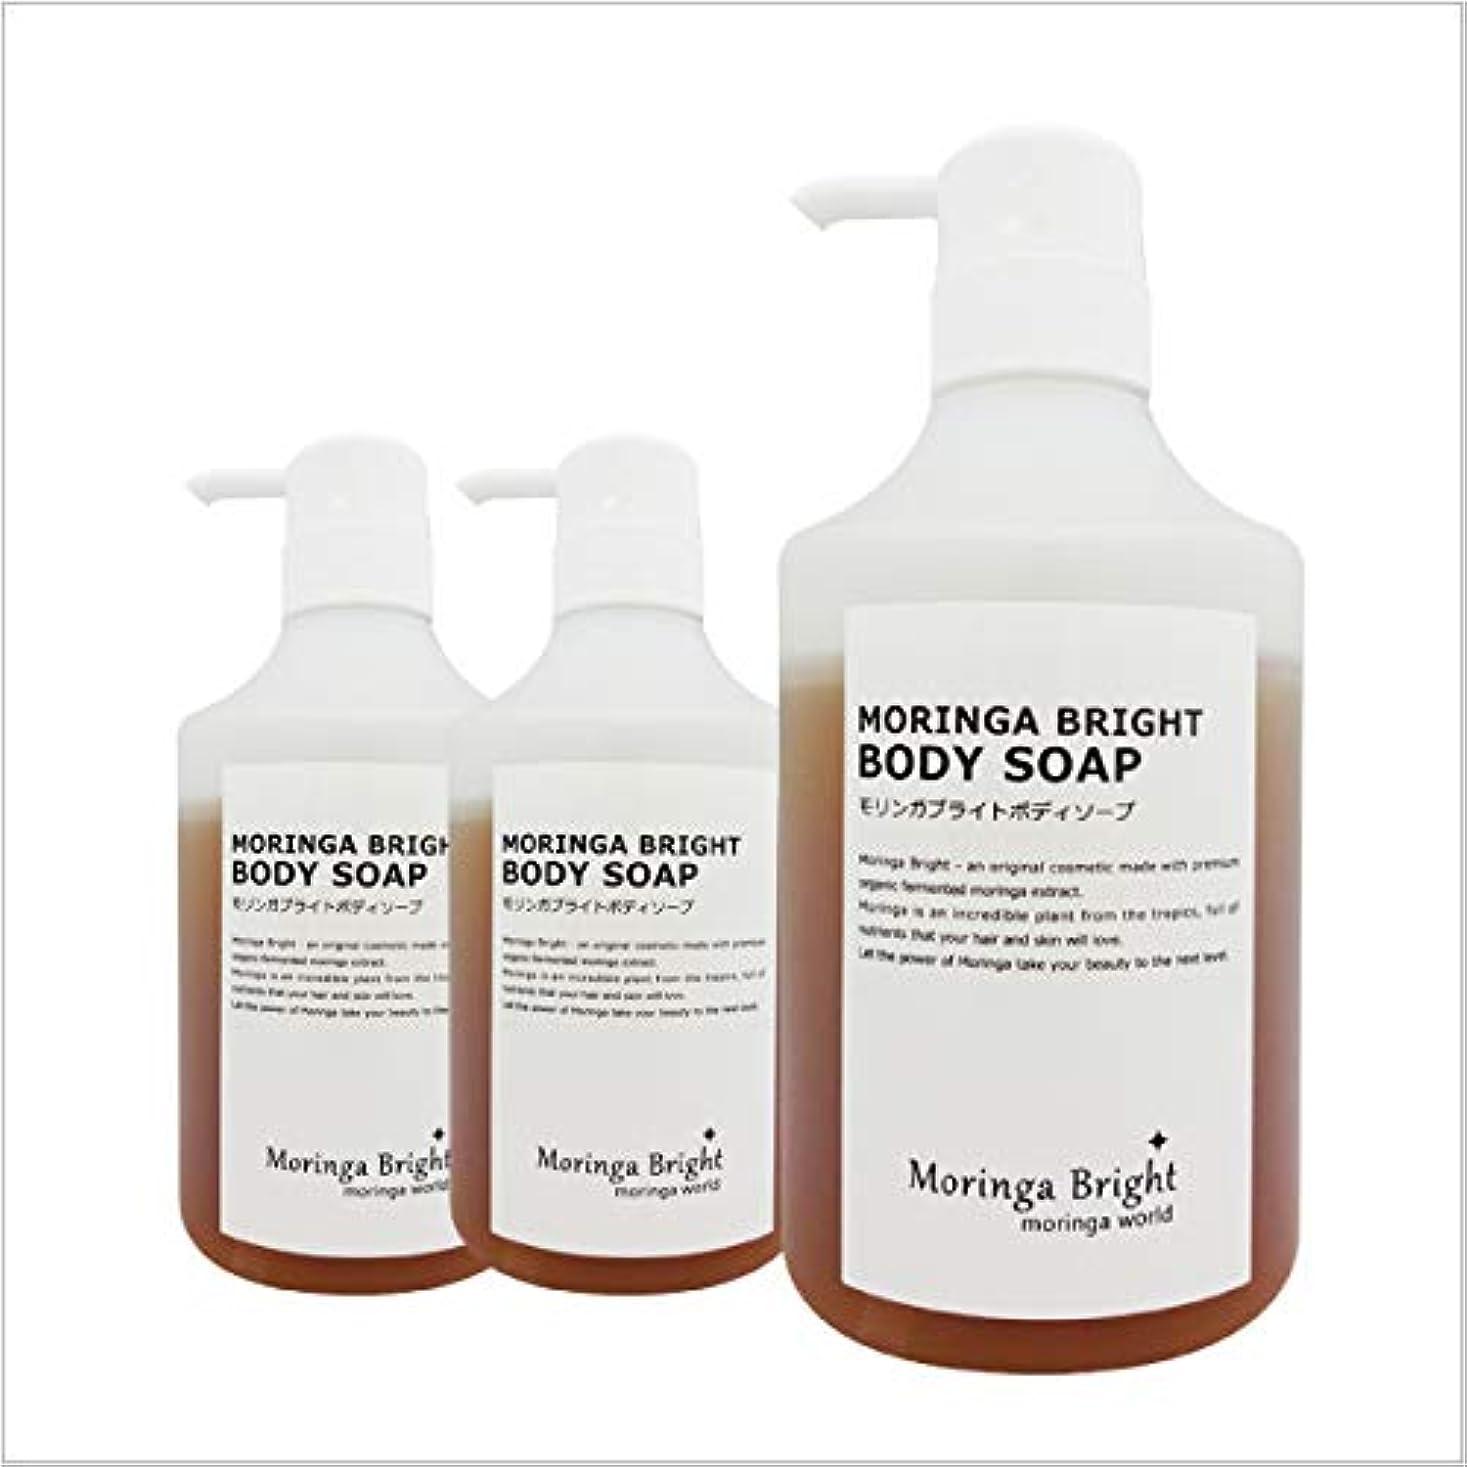 スラム法律により毛皮モリンガブライトボディソープ(450ml x 3本)洗顔もできる無添加ボディソープ オーガニックモリンガを乳酸発酵させた保湿美容成分「発酵モリンガエキス」配合」